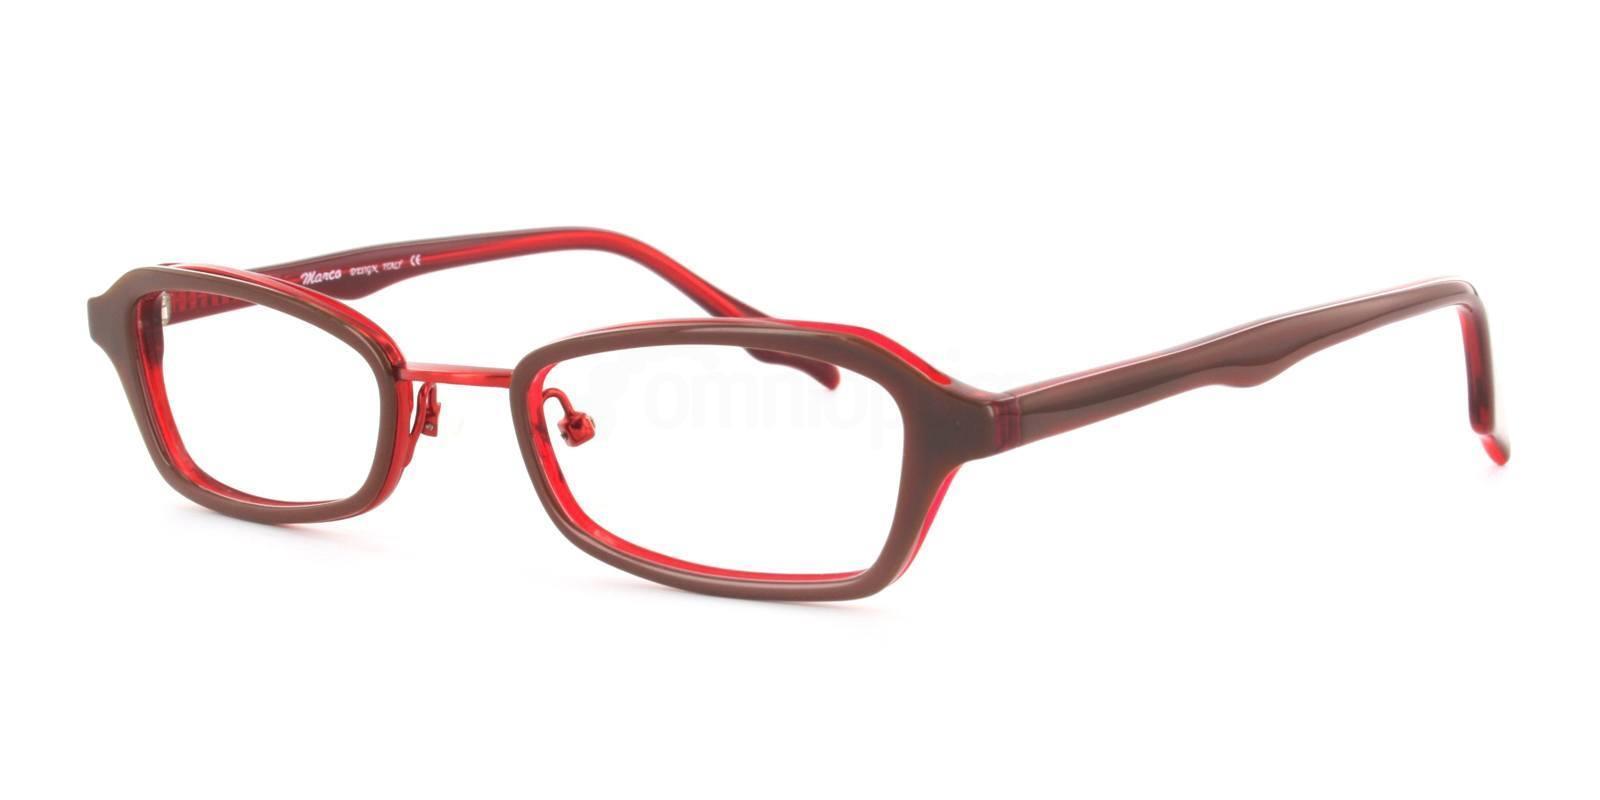 C02 54169 Glasses, Antares